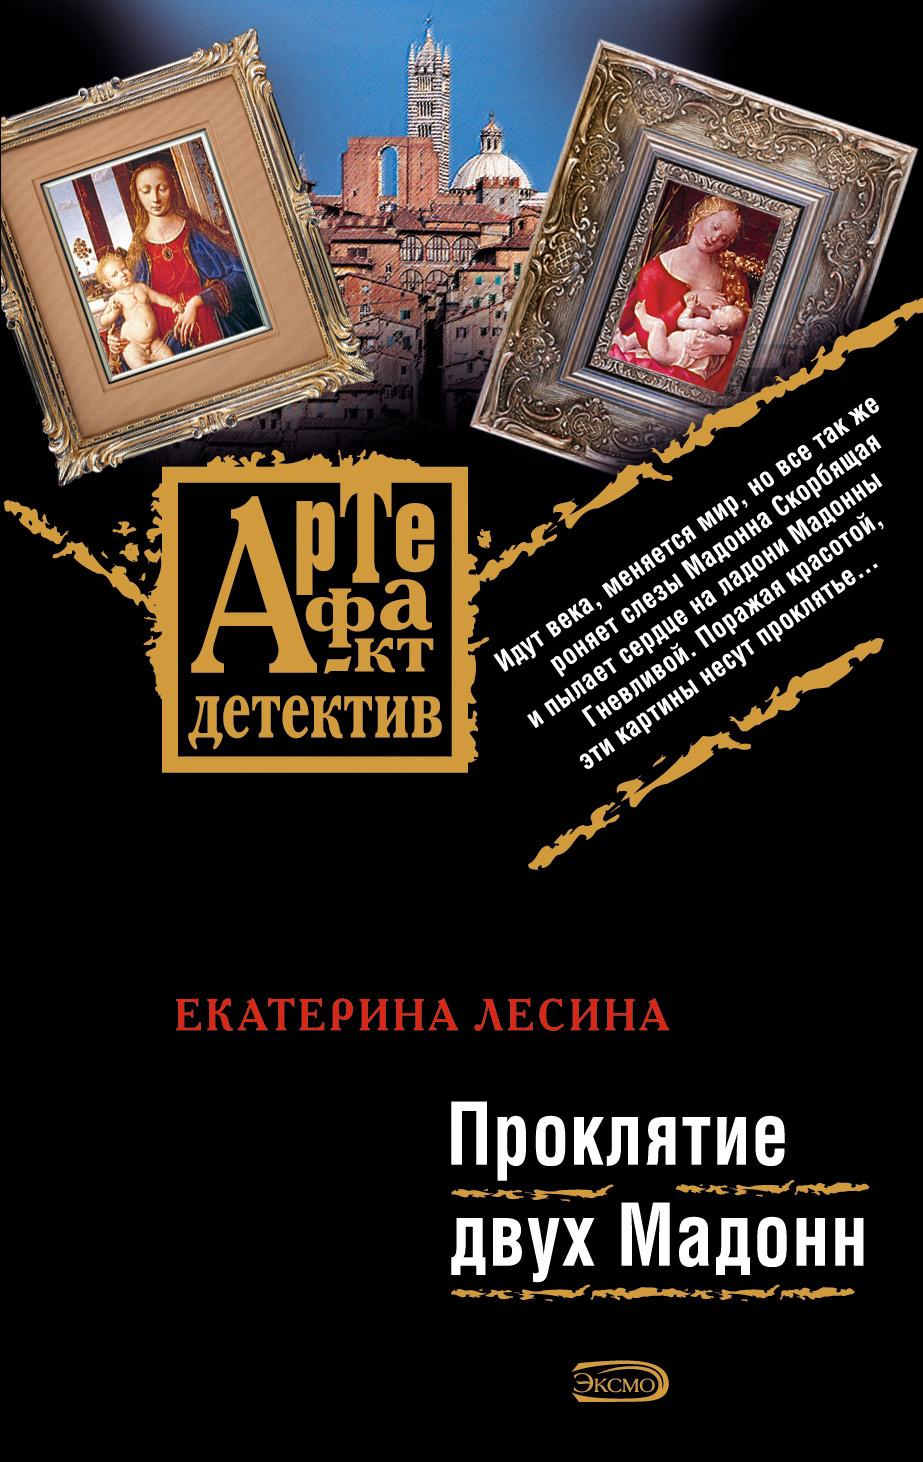 купить Екатерина Лесина Проклятие двух Мадонн по цене 129 рублей